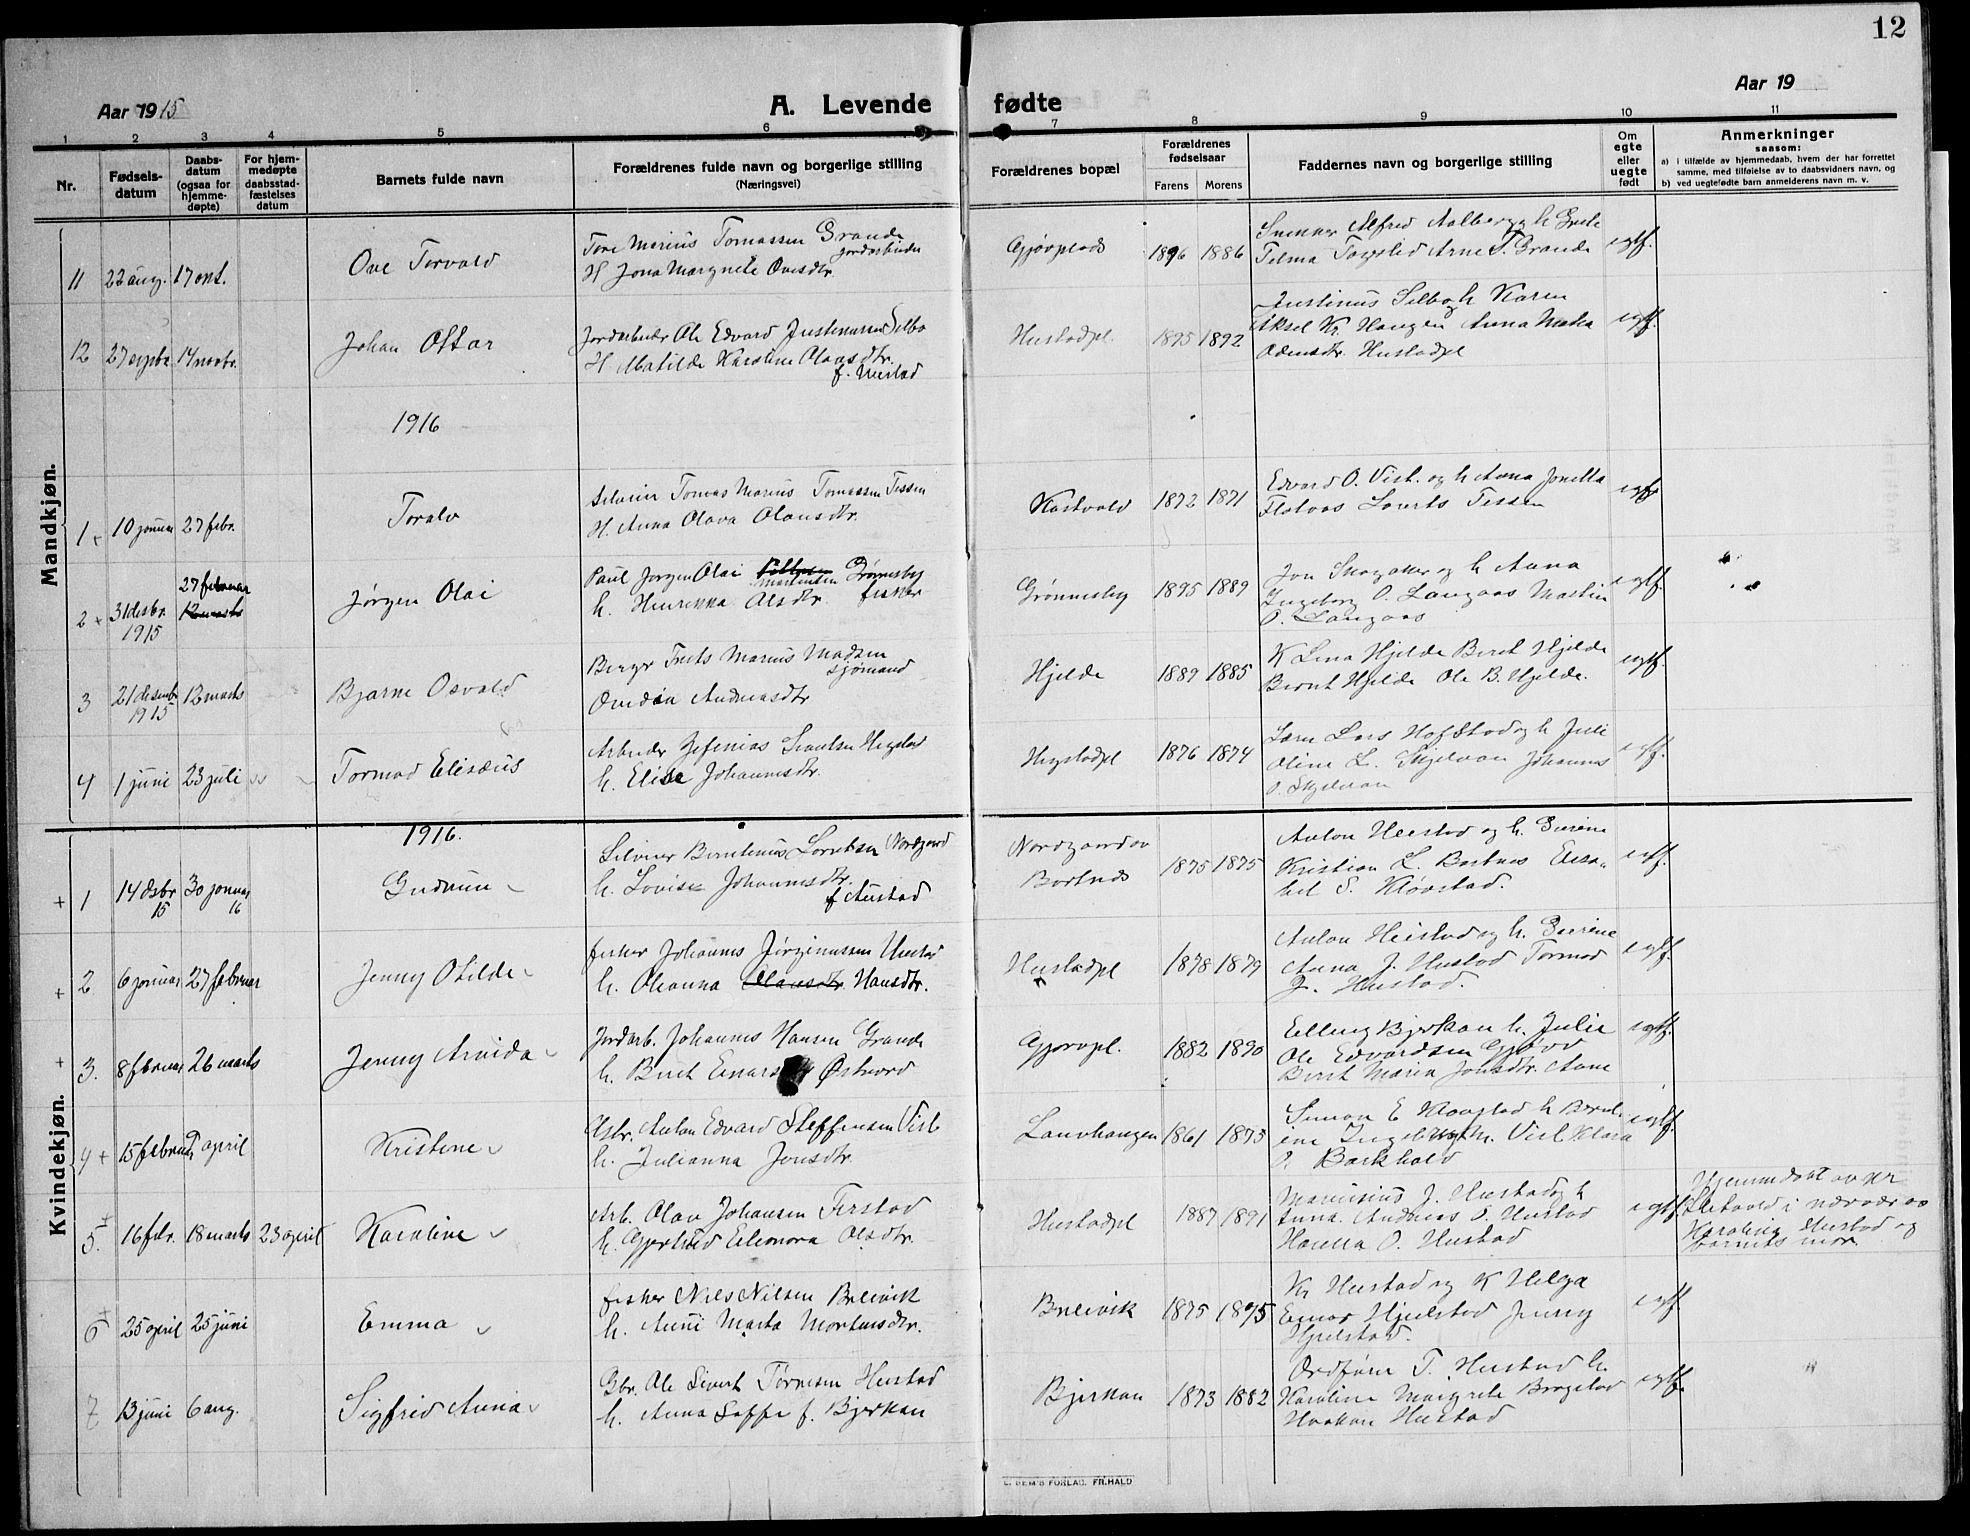 SAT, Ministerialprotokoller, klokkerbøker og fødselsregistre - Nord-Trøndelag, 732/L0319: Klokkerbok nr. 732C03, 1911-1945, s. 12